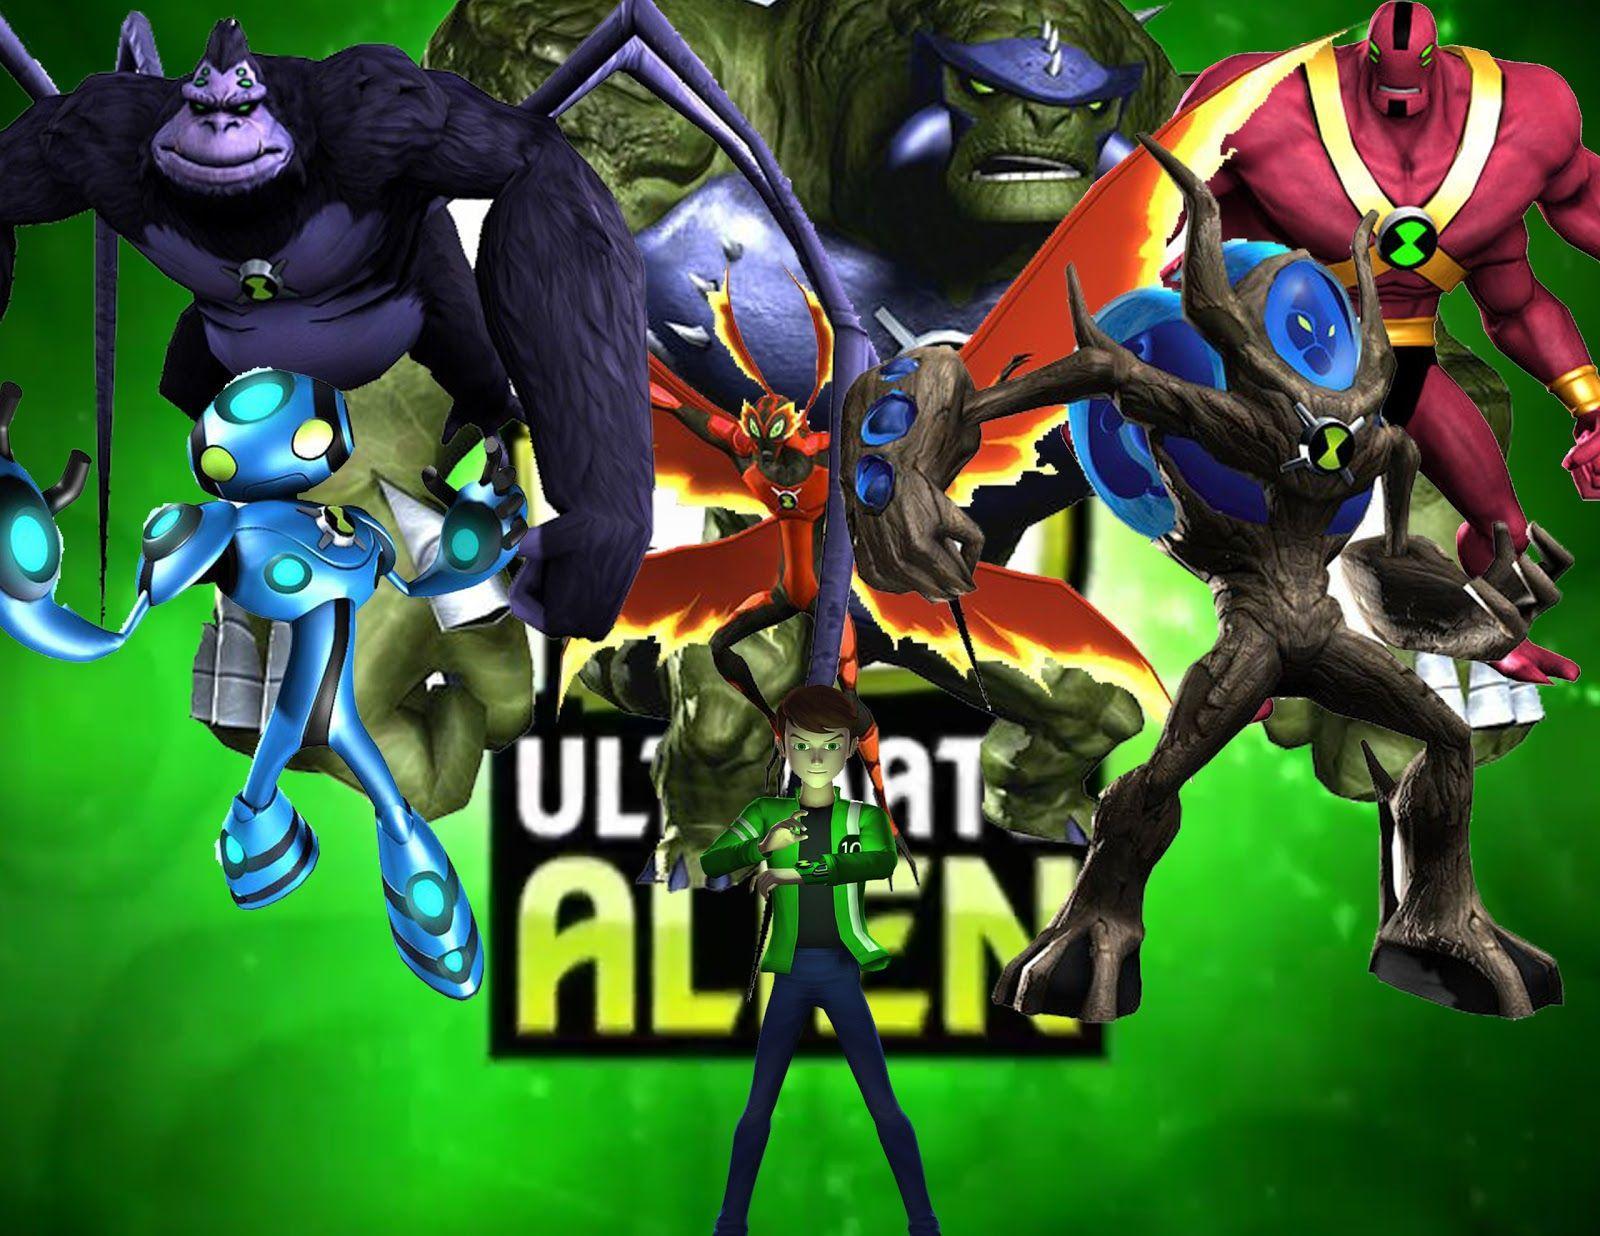 Ben 10 Ultimate Alien Wallpapers Top Free Ben 10 Ultimate